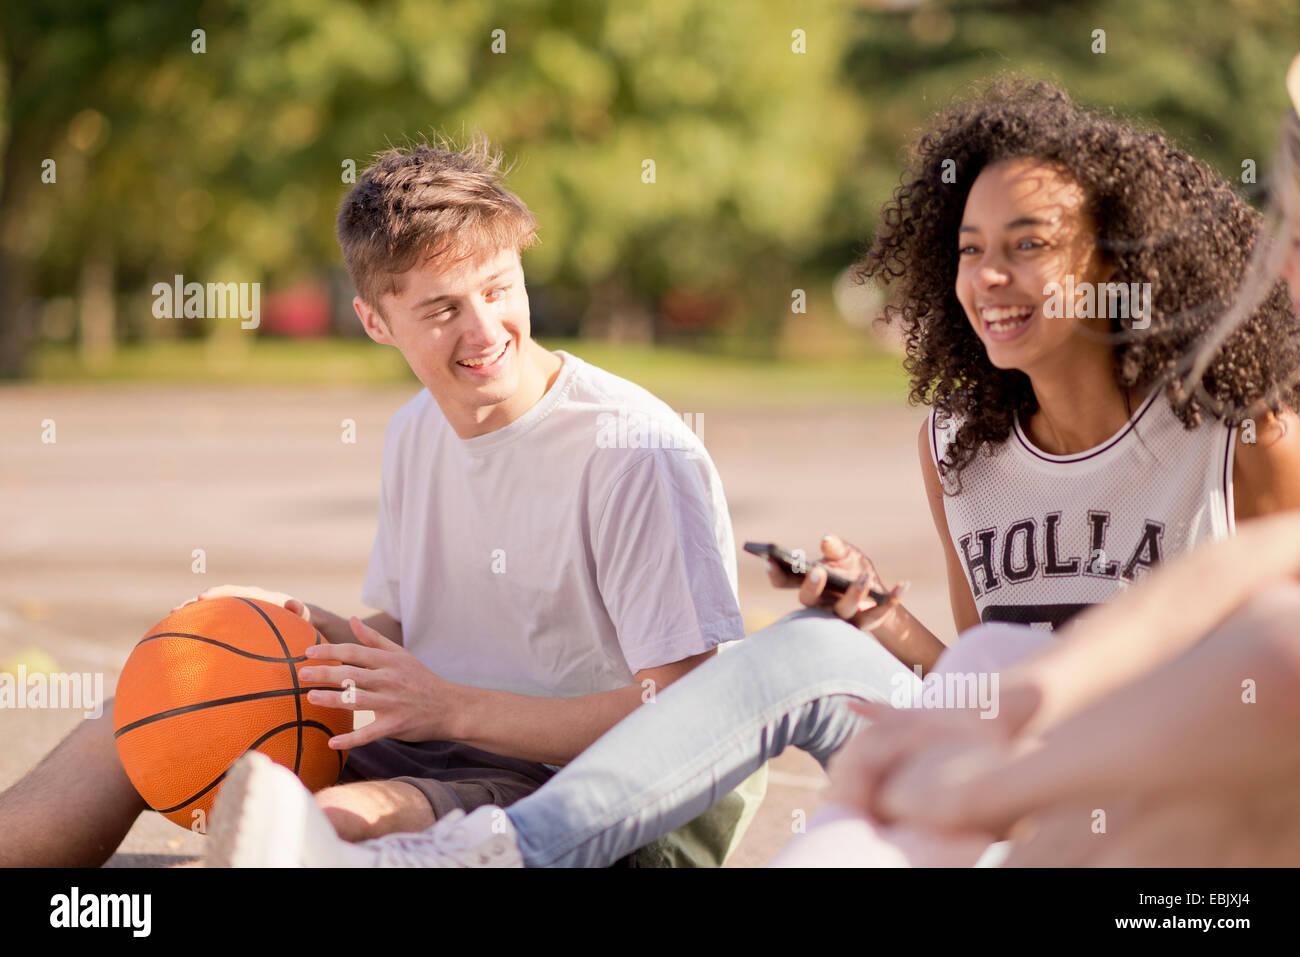 Grupo de jóvenes jugadores de baloncesto adultos sentados charlando Imagen De Stock